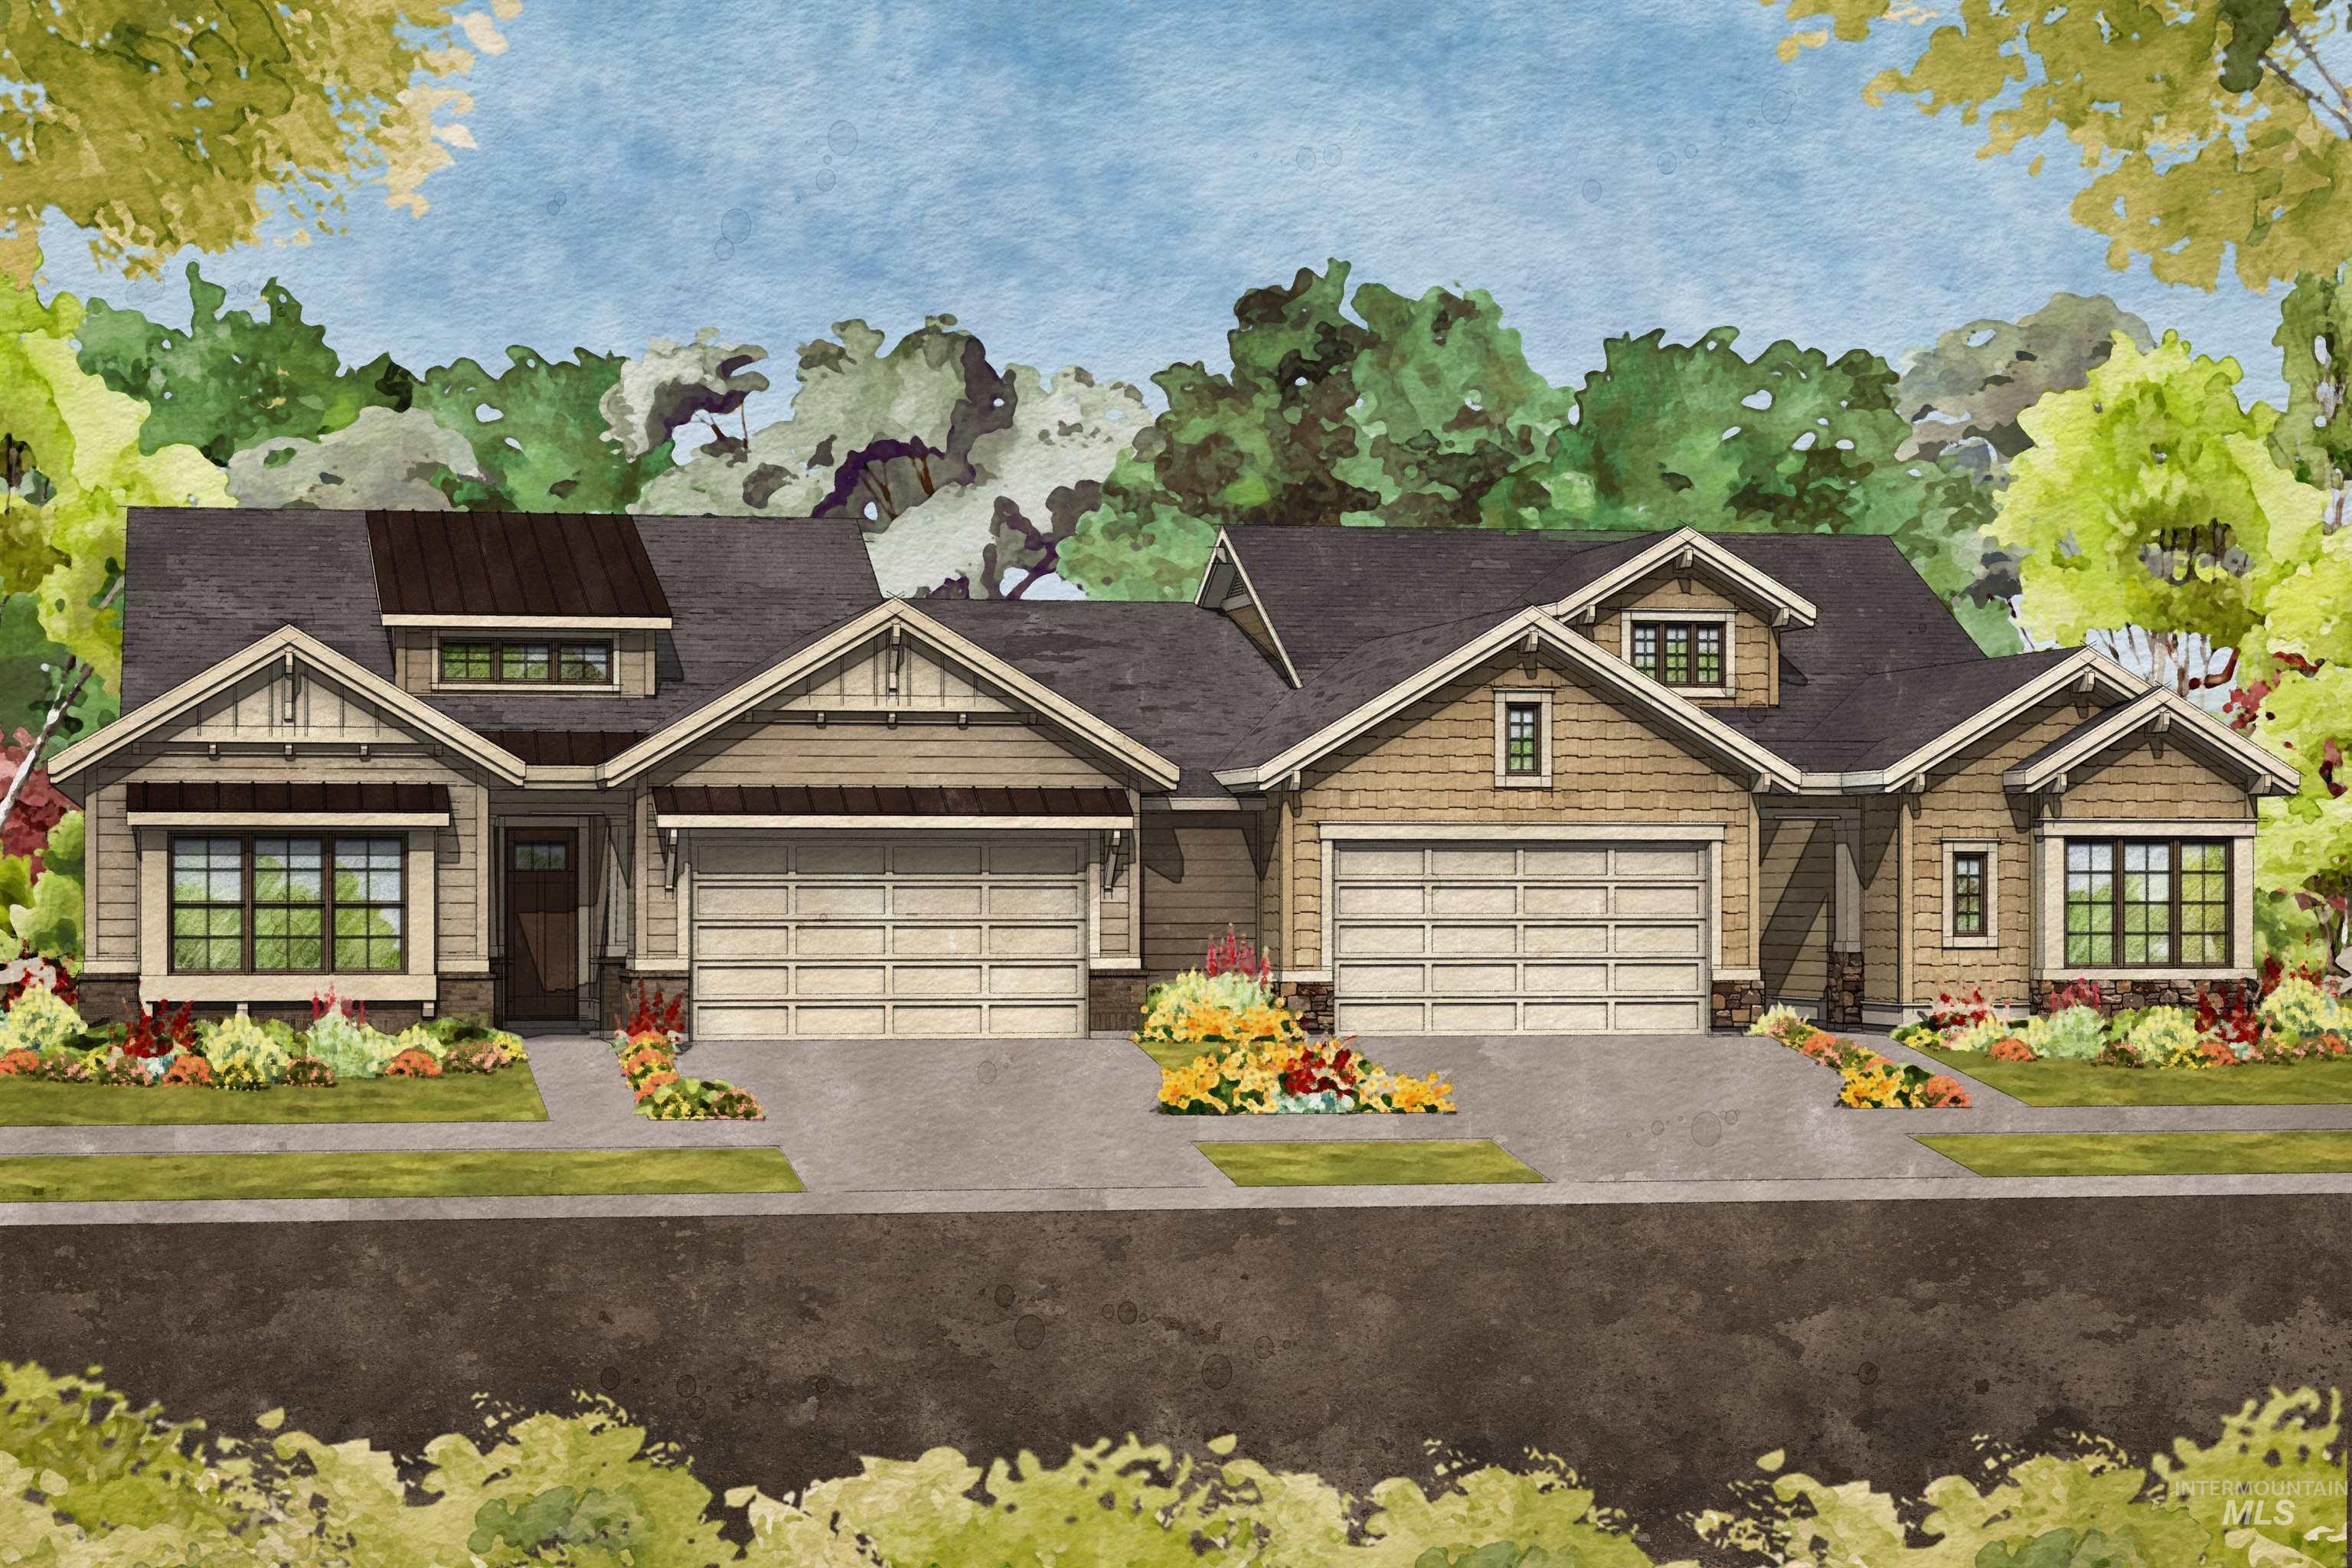 3904 W. Silver River Ln Property Photo